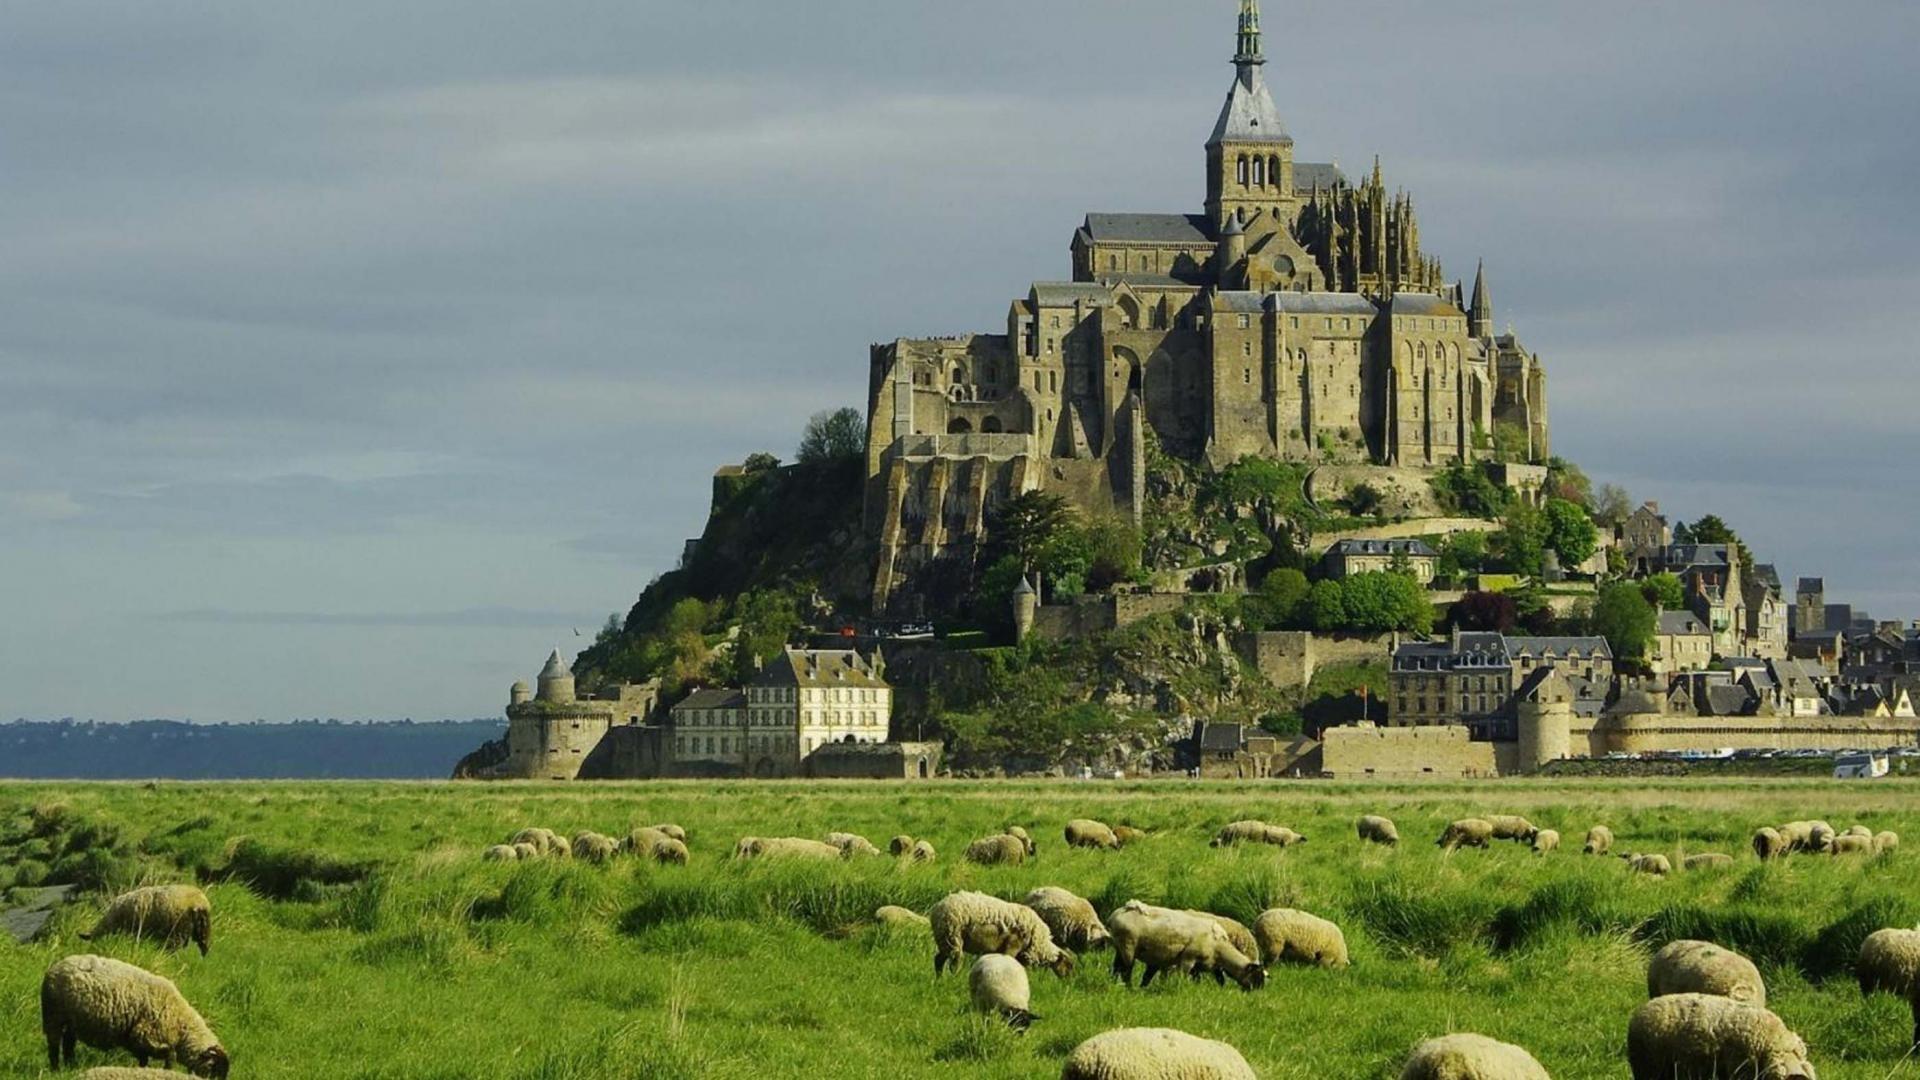 デスクトップ壁紙 : 風景, モンサンミッシェル, 城, 平野, フランス, 古い建物, 羊, 史跡, 礼拝の場 1920x1080